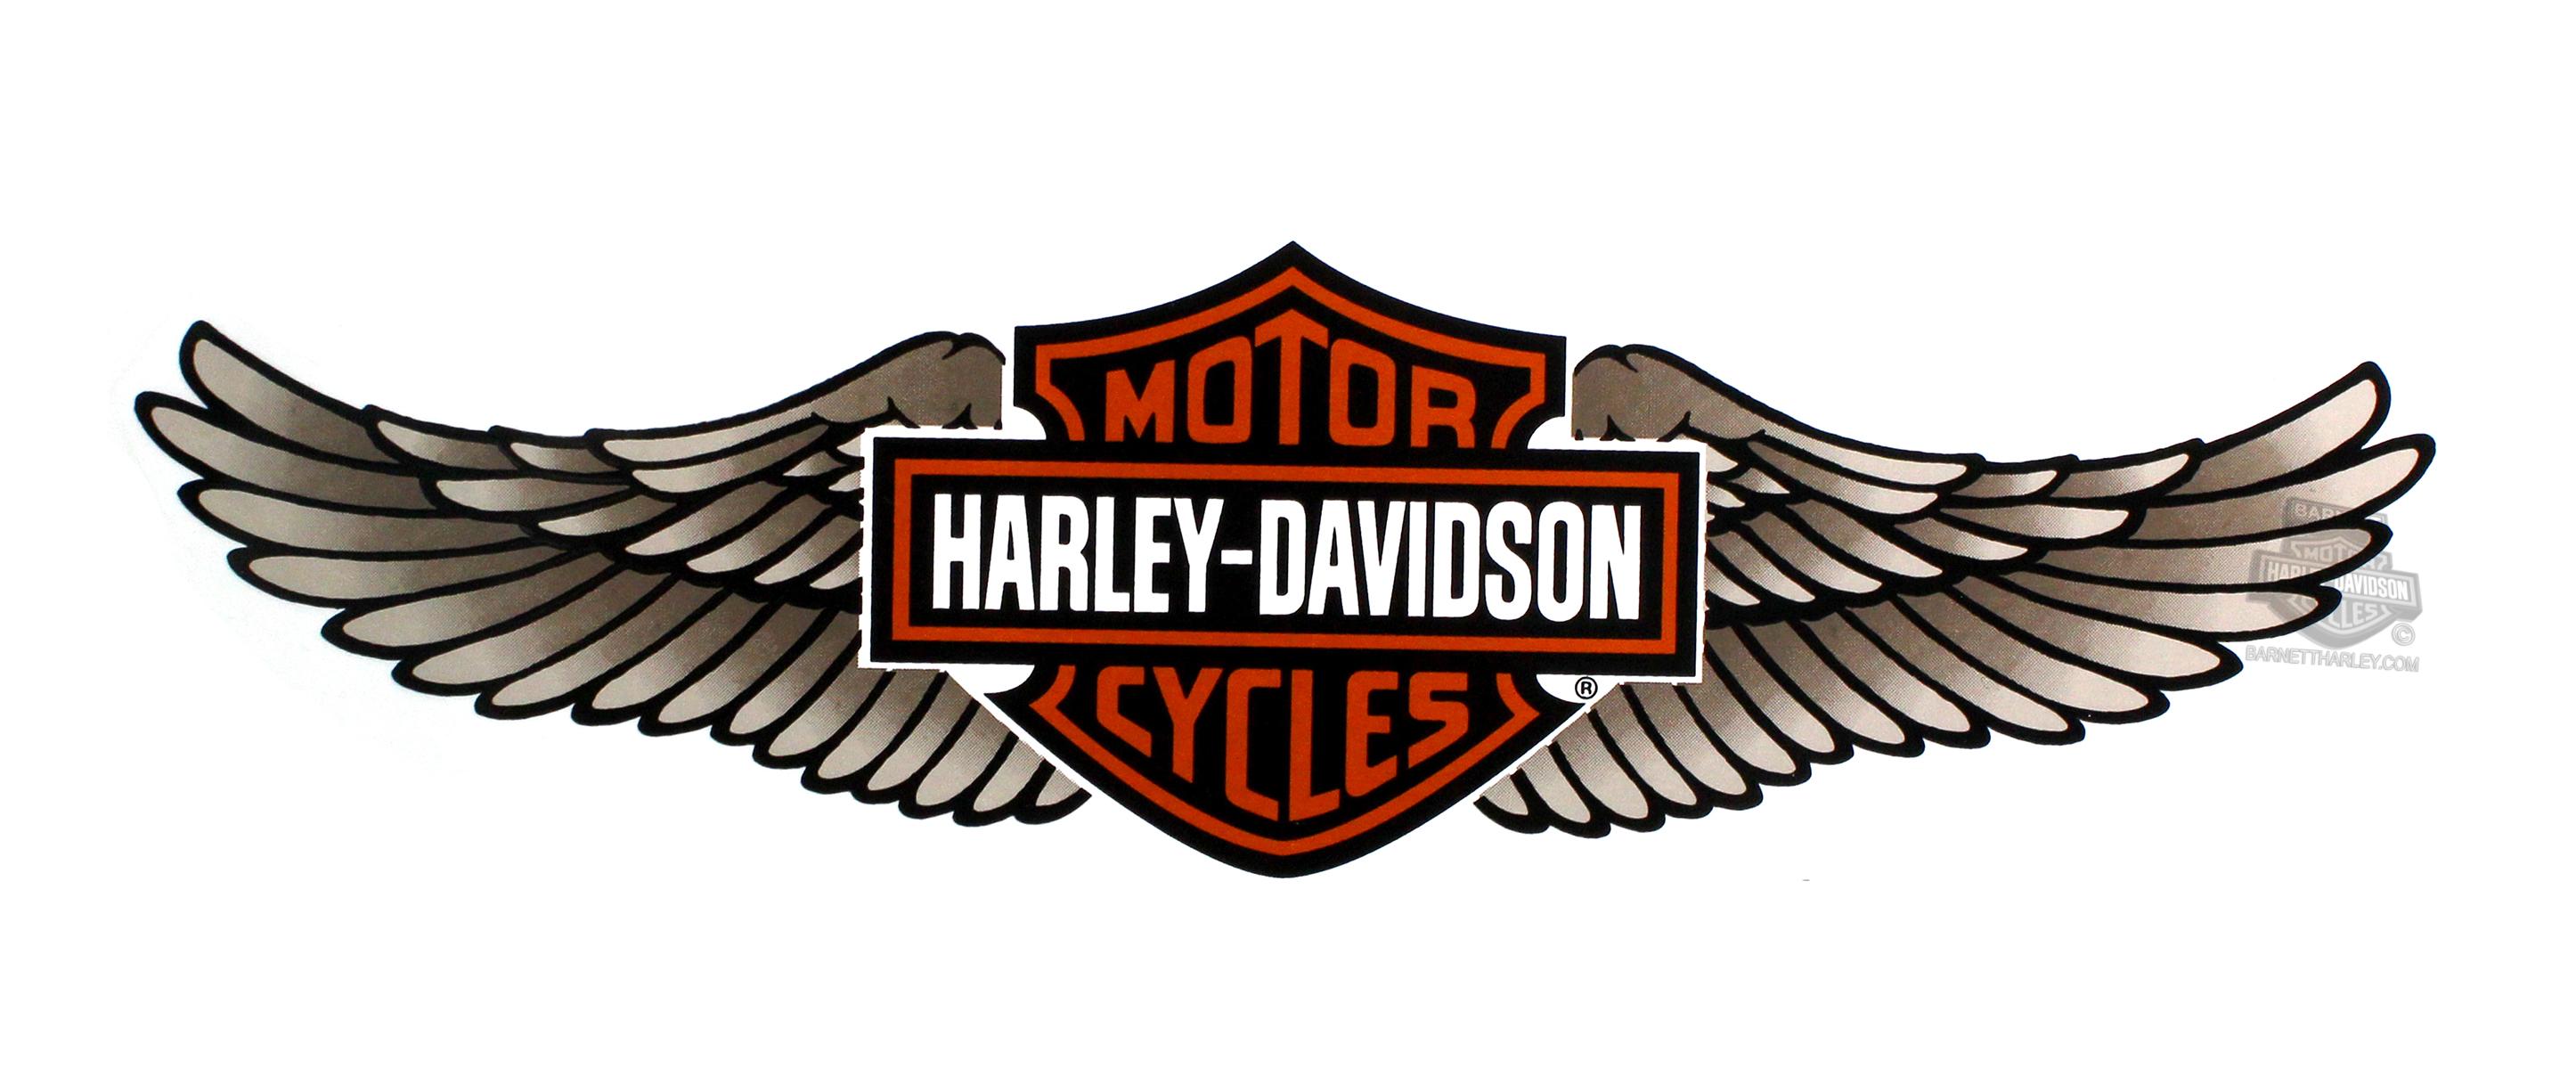 Harley davidson wings Logos.